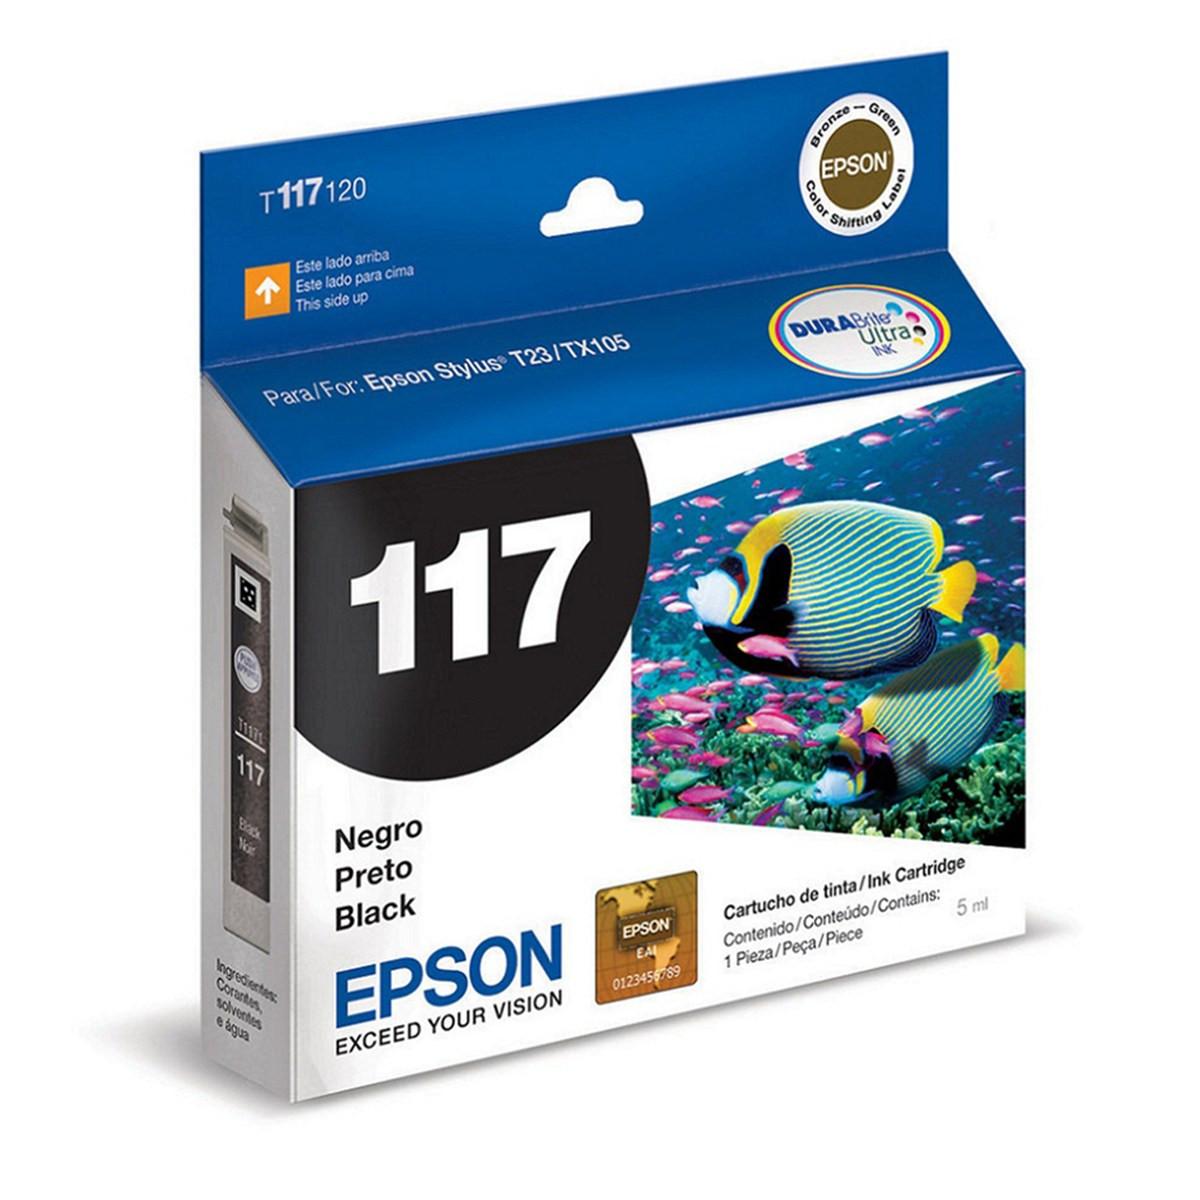 Cartucho de Tinta Epson Preto T117120 T117 T1171 | T23 T24 TX105 TX115 | Original 5 ml